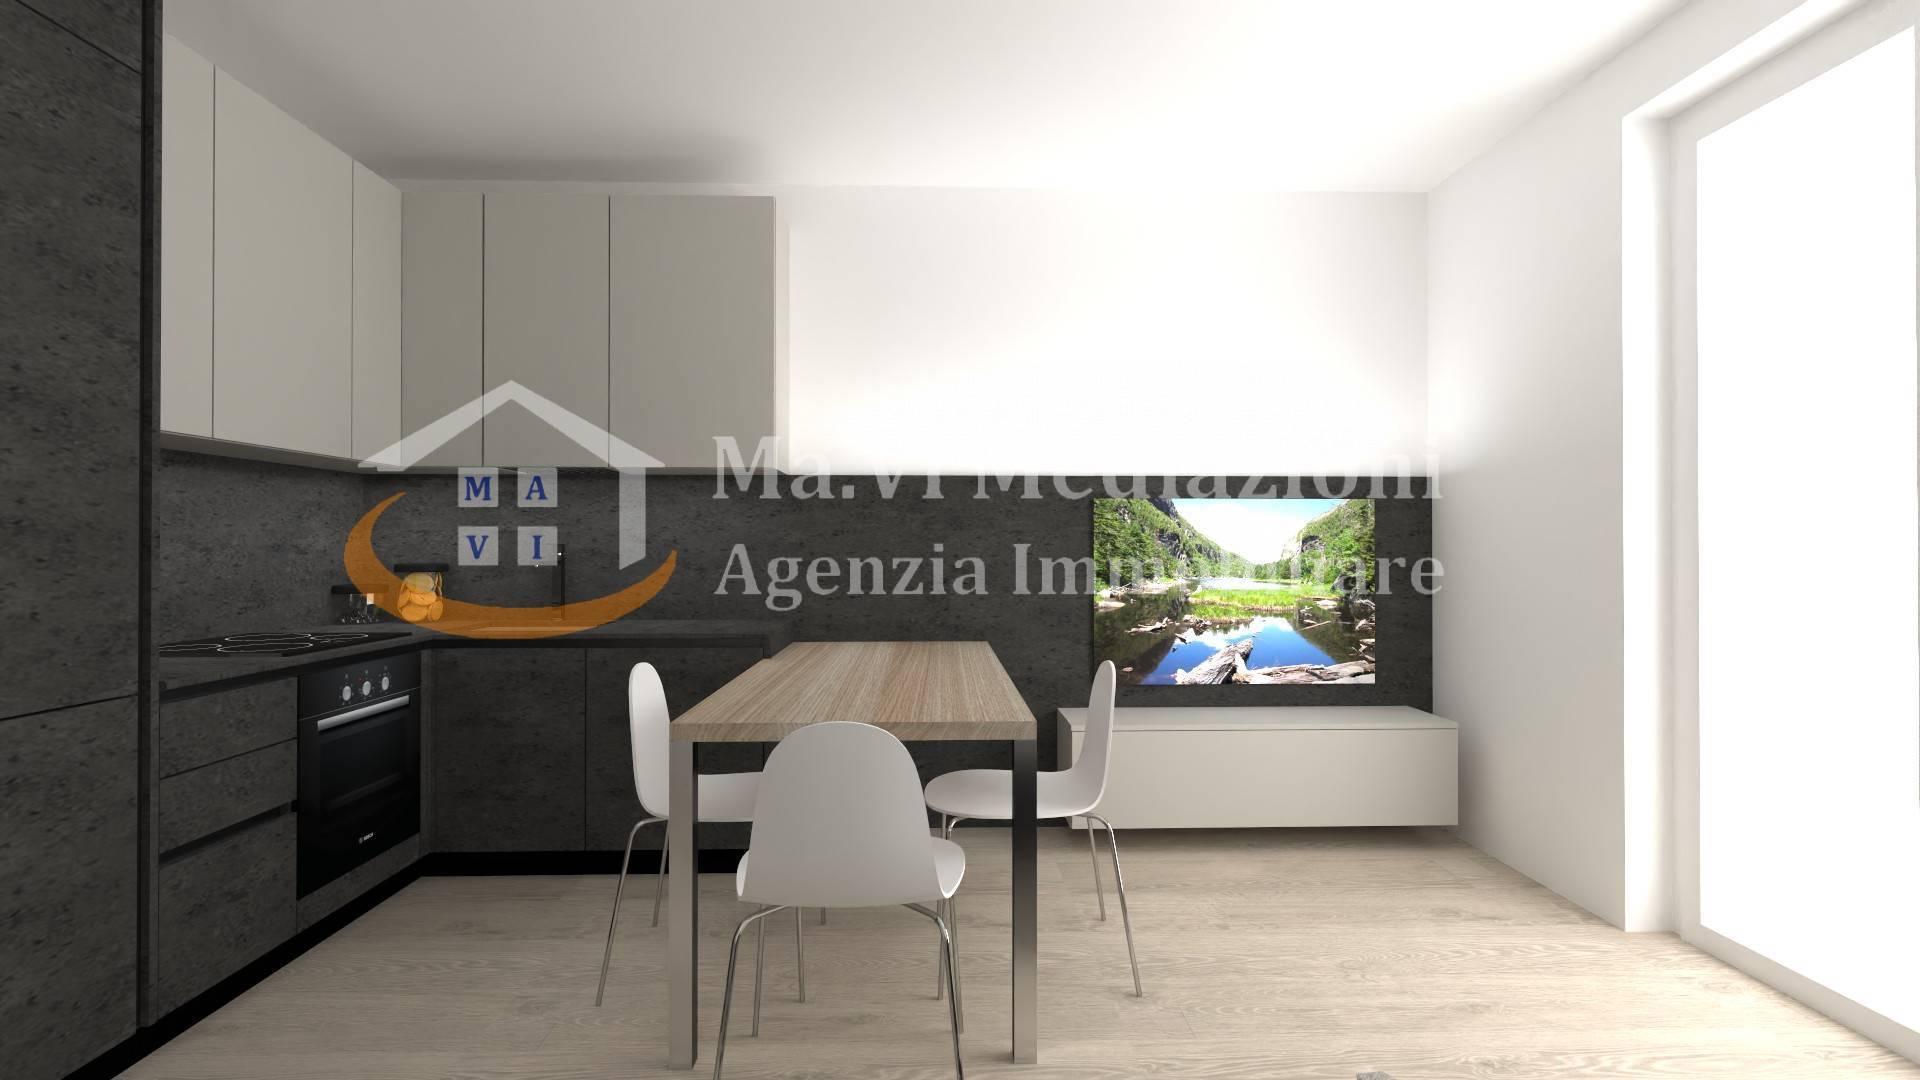 Appartamento in vendita a Nago-Torbole, 3 locali, zona Zona: Nago, prezzo € 159.000   CambioCasa.it